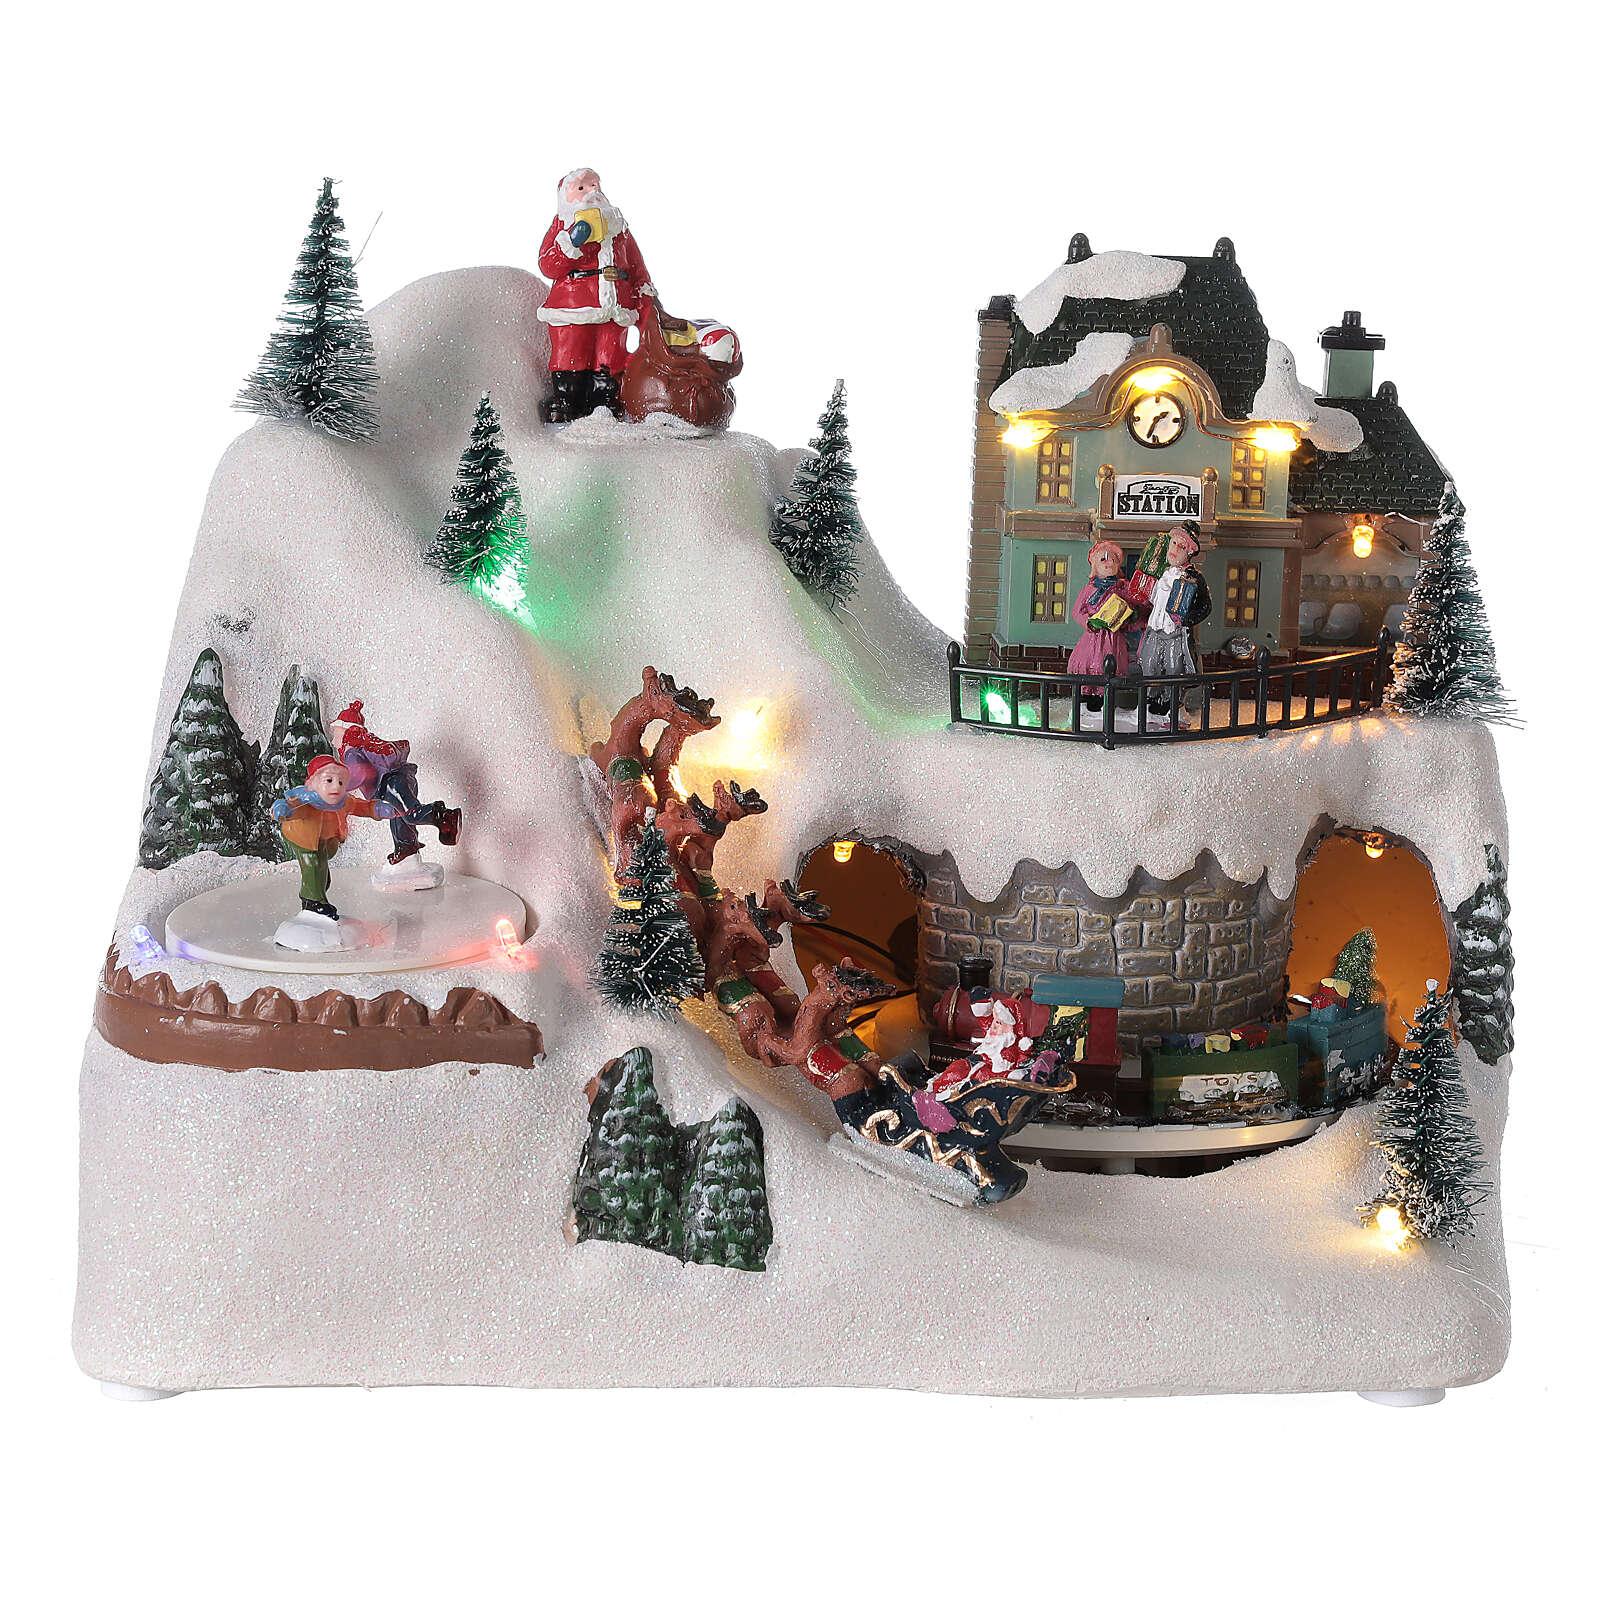 Village traîneau rennes Père Noël LED musique 20x25x15 cm 3